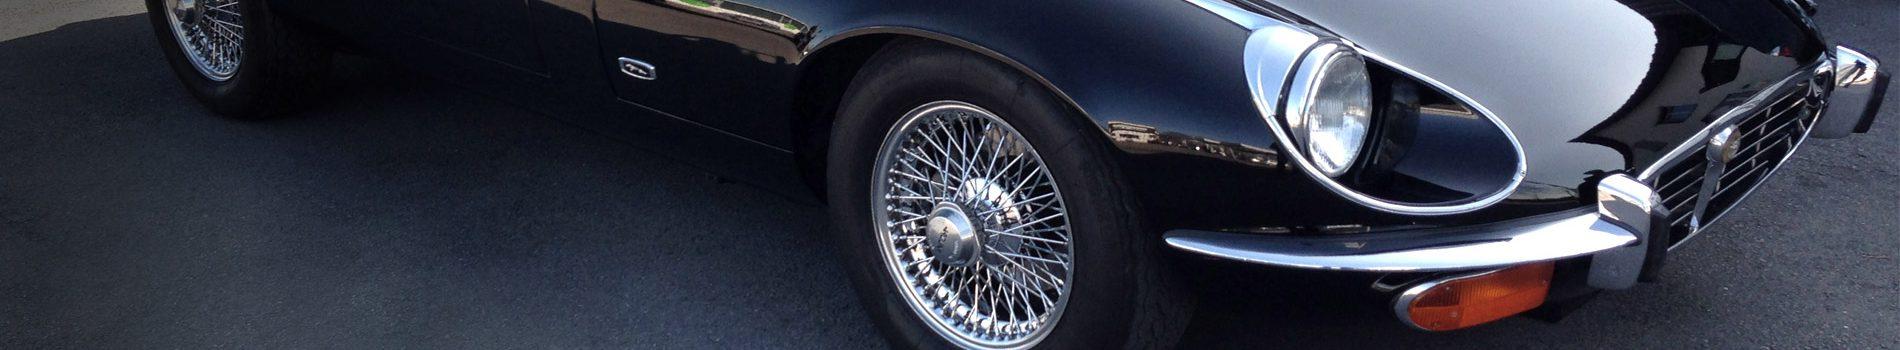 Fahrzeuglackierung Triptrap, Wesel, Wulfen, Schermbeck - Lack und Karosserie